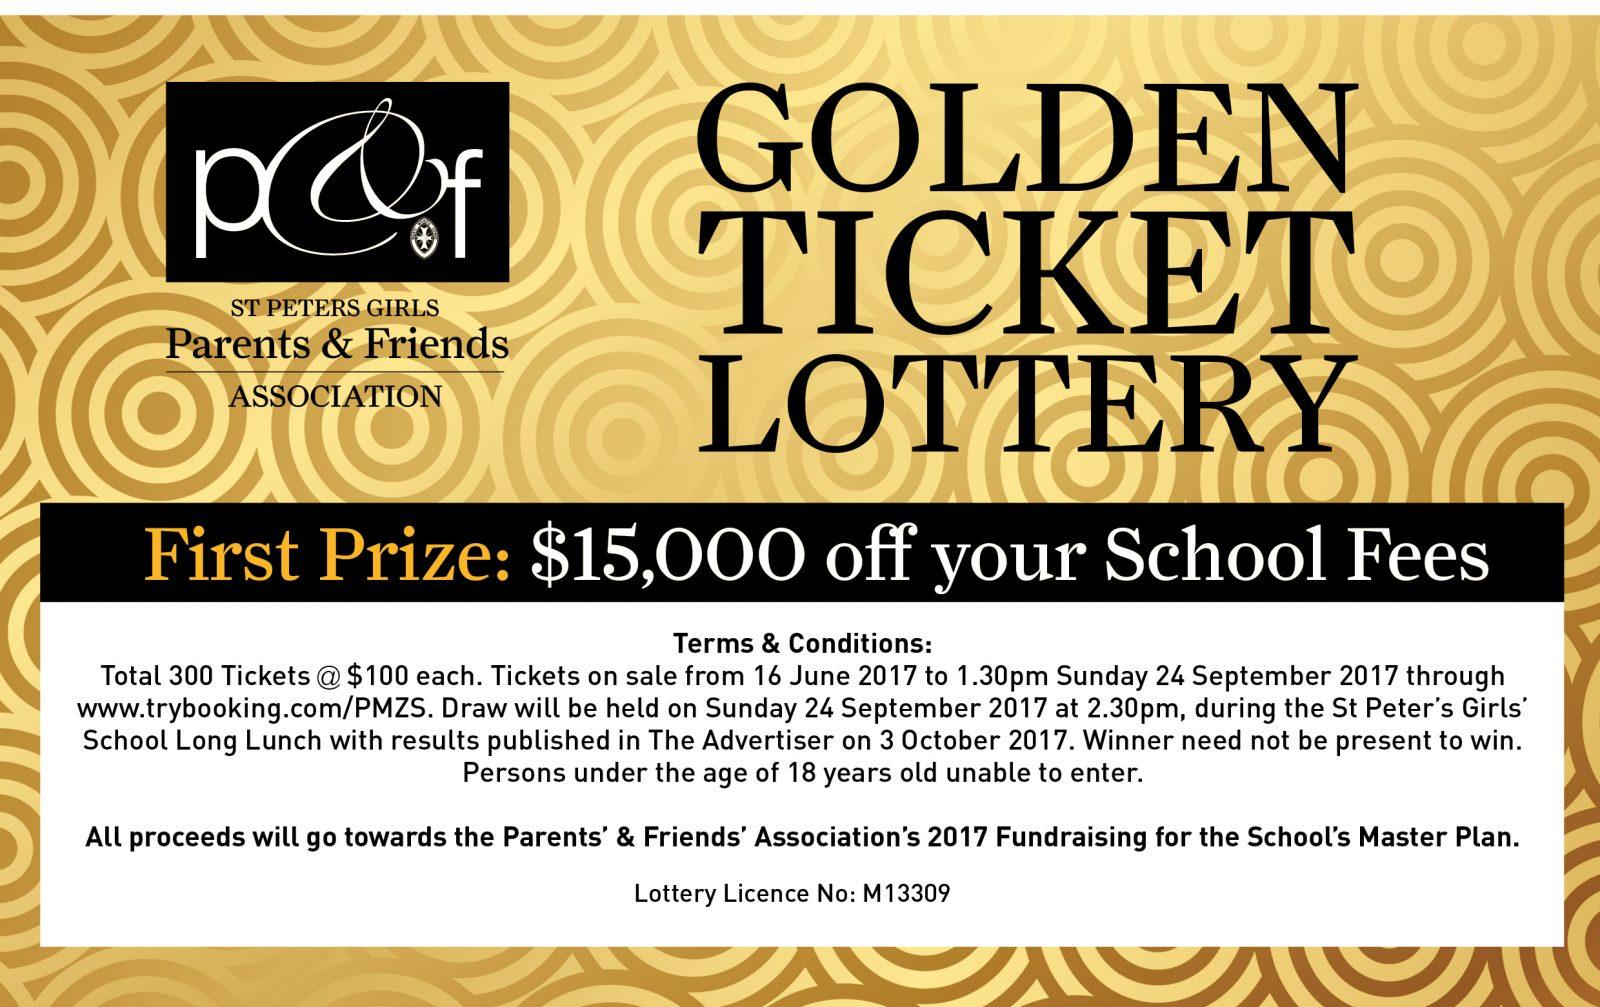 Golden Ticket Enews Image